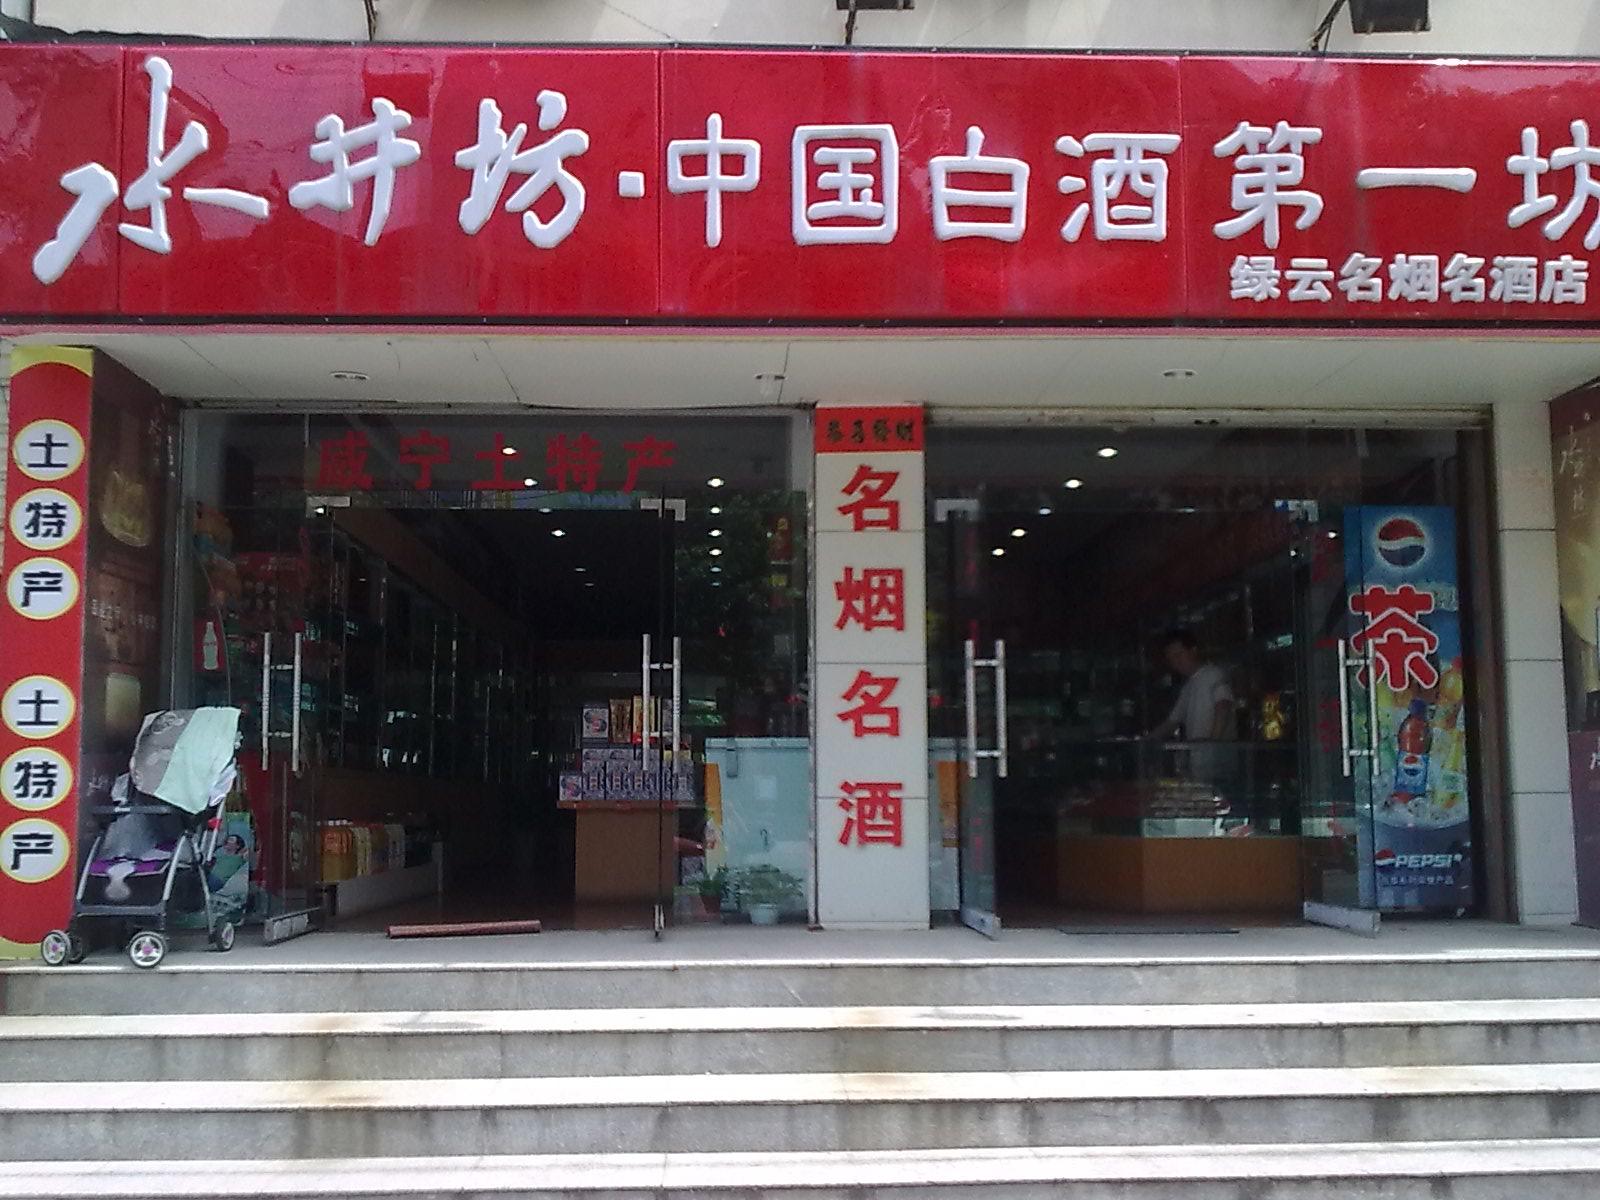 名烟名酒店装修图片 咸宁市水井坊 绿云名烟名酒店